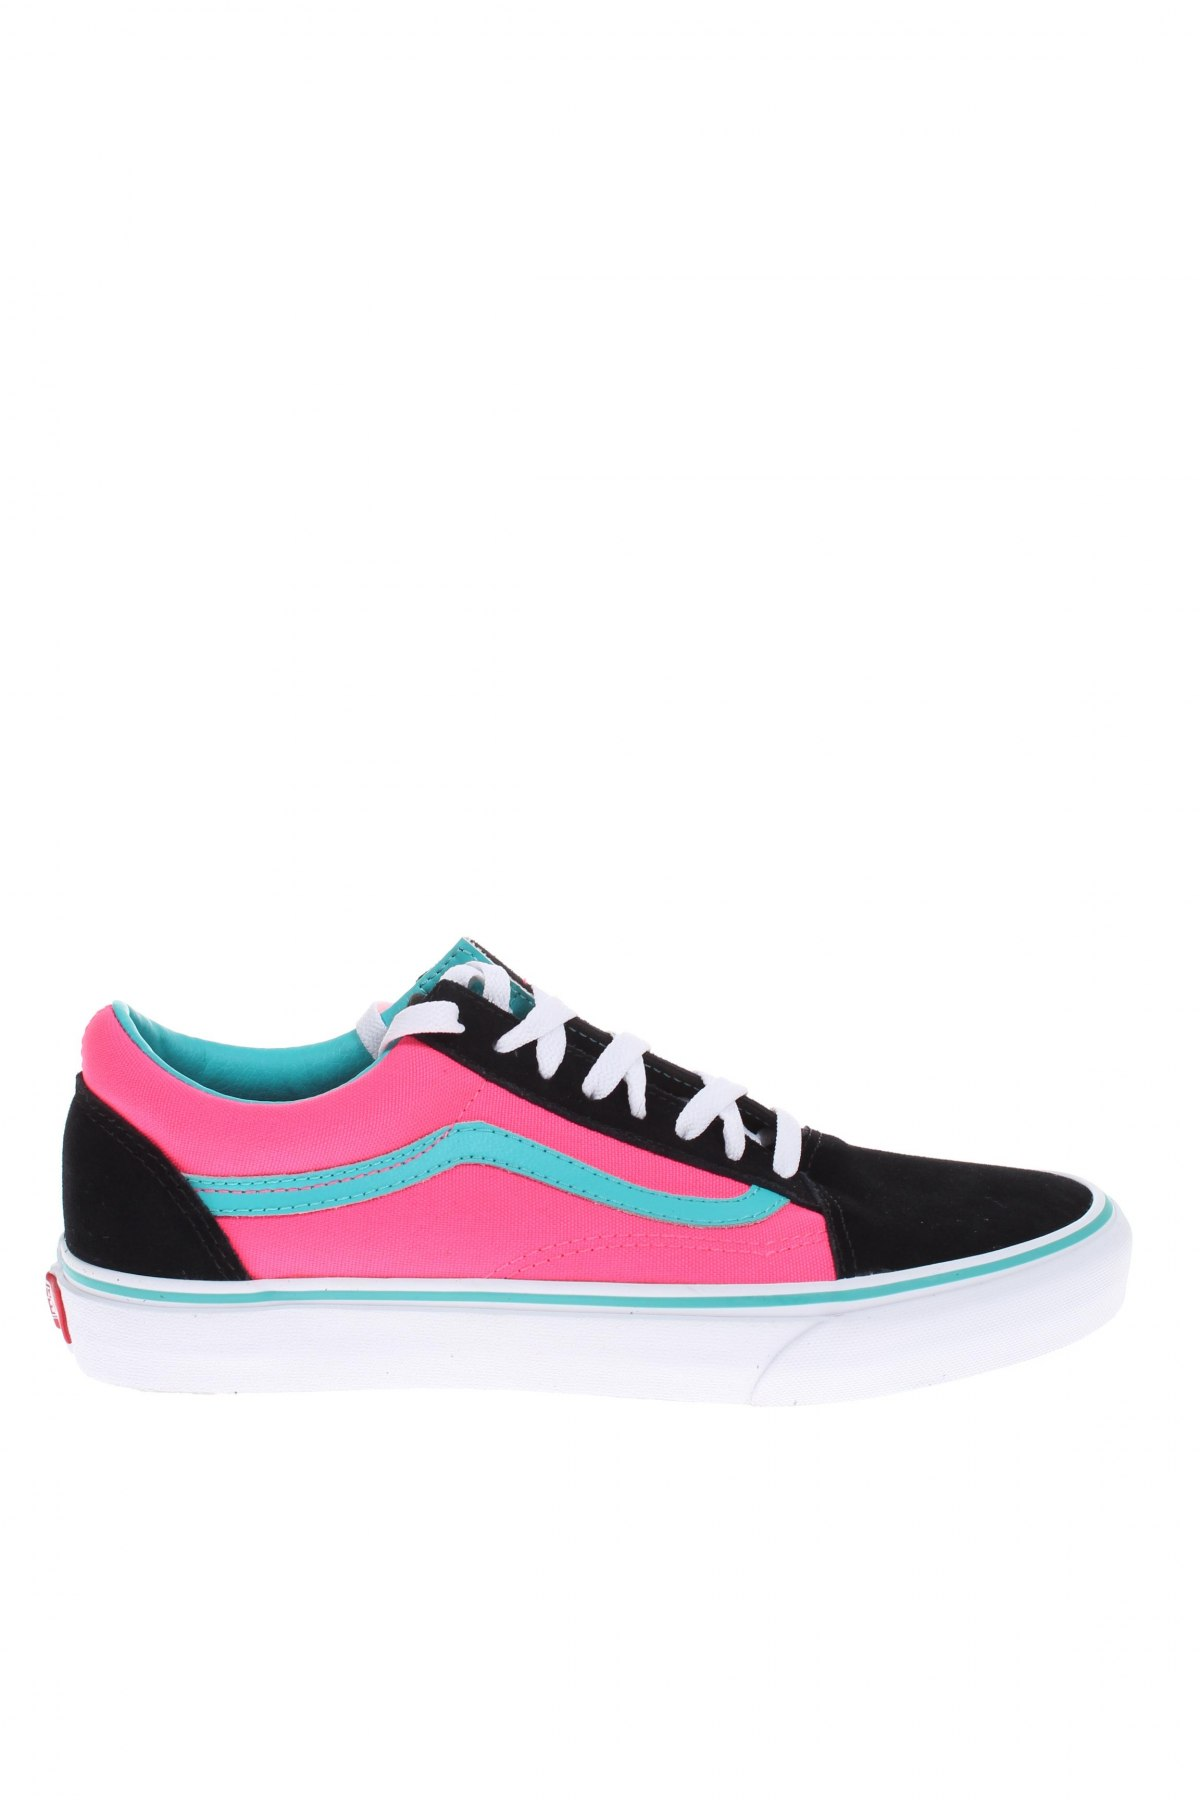 2dbd6f4cd Dámske topánky Vans - za výhodnú cenu na Remix - #103216069